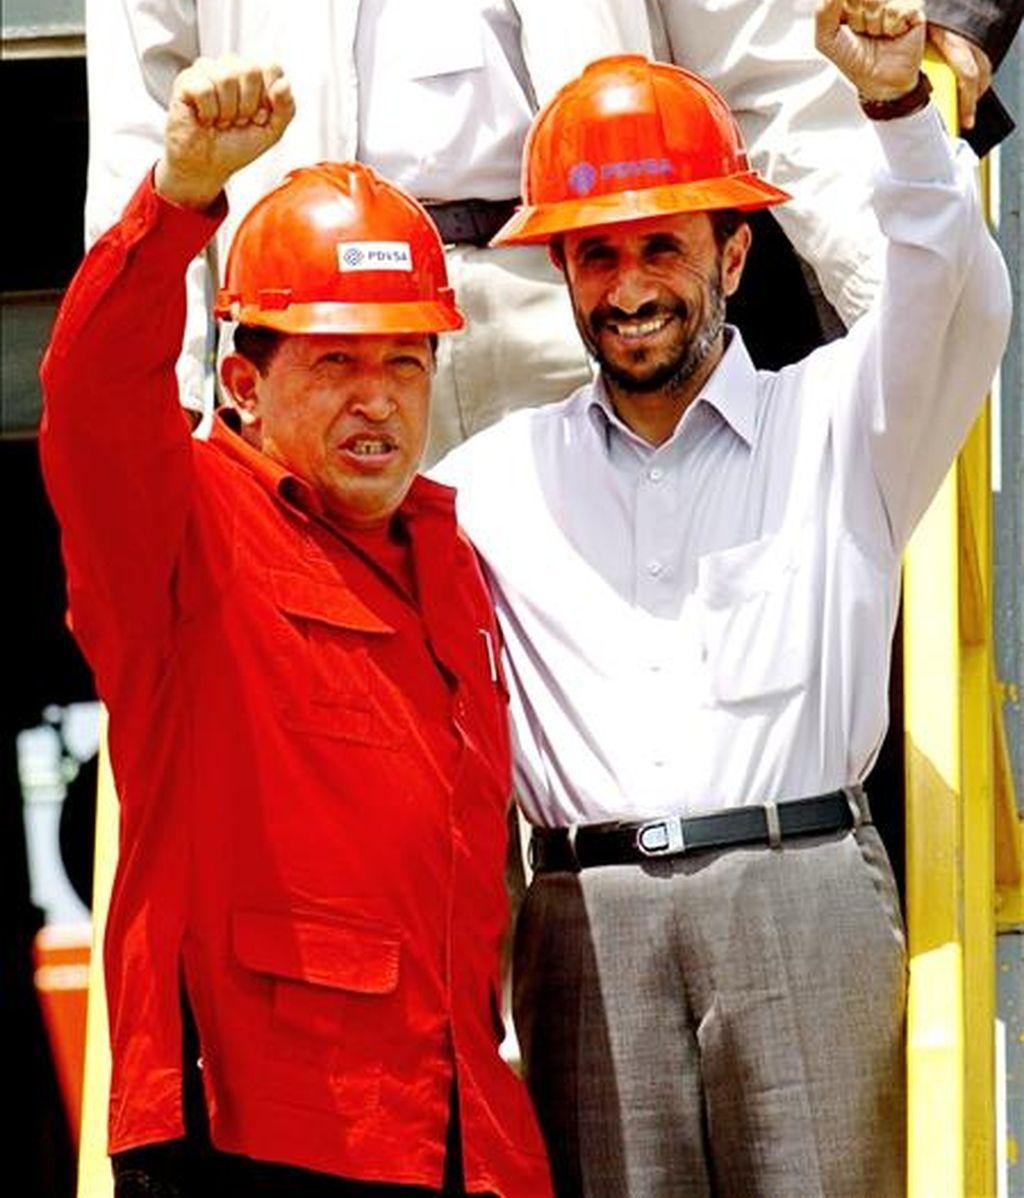 El presidente venezolano, Hugo Chávez, y su homólogo iraní, Mahmud Ahmadineyad, durante una visita a unas instalaciones petroleras en Venezuela en el año 2006. EFE/Archivo